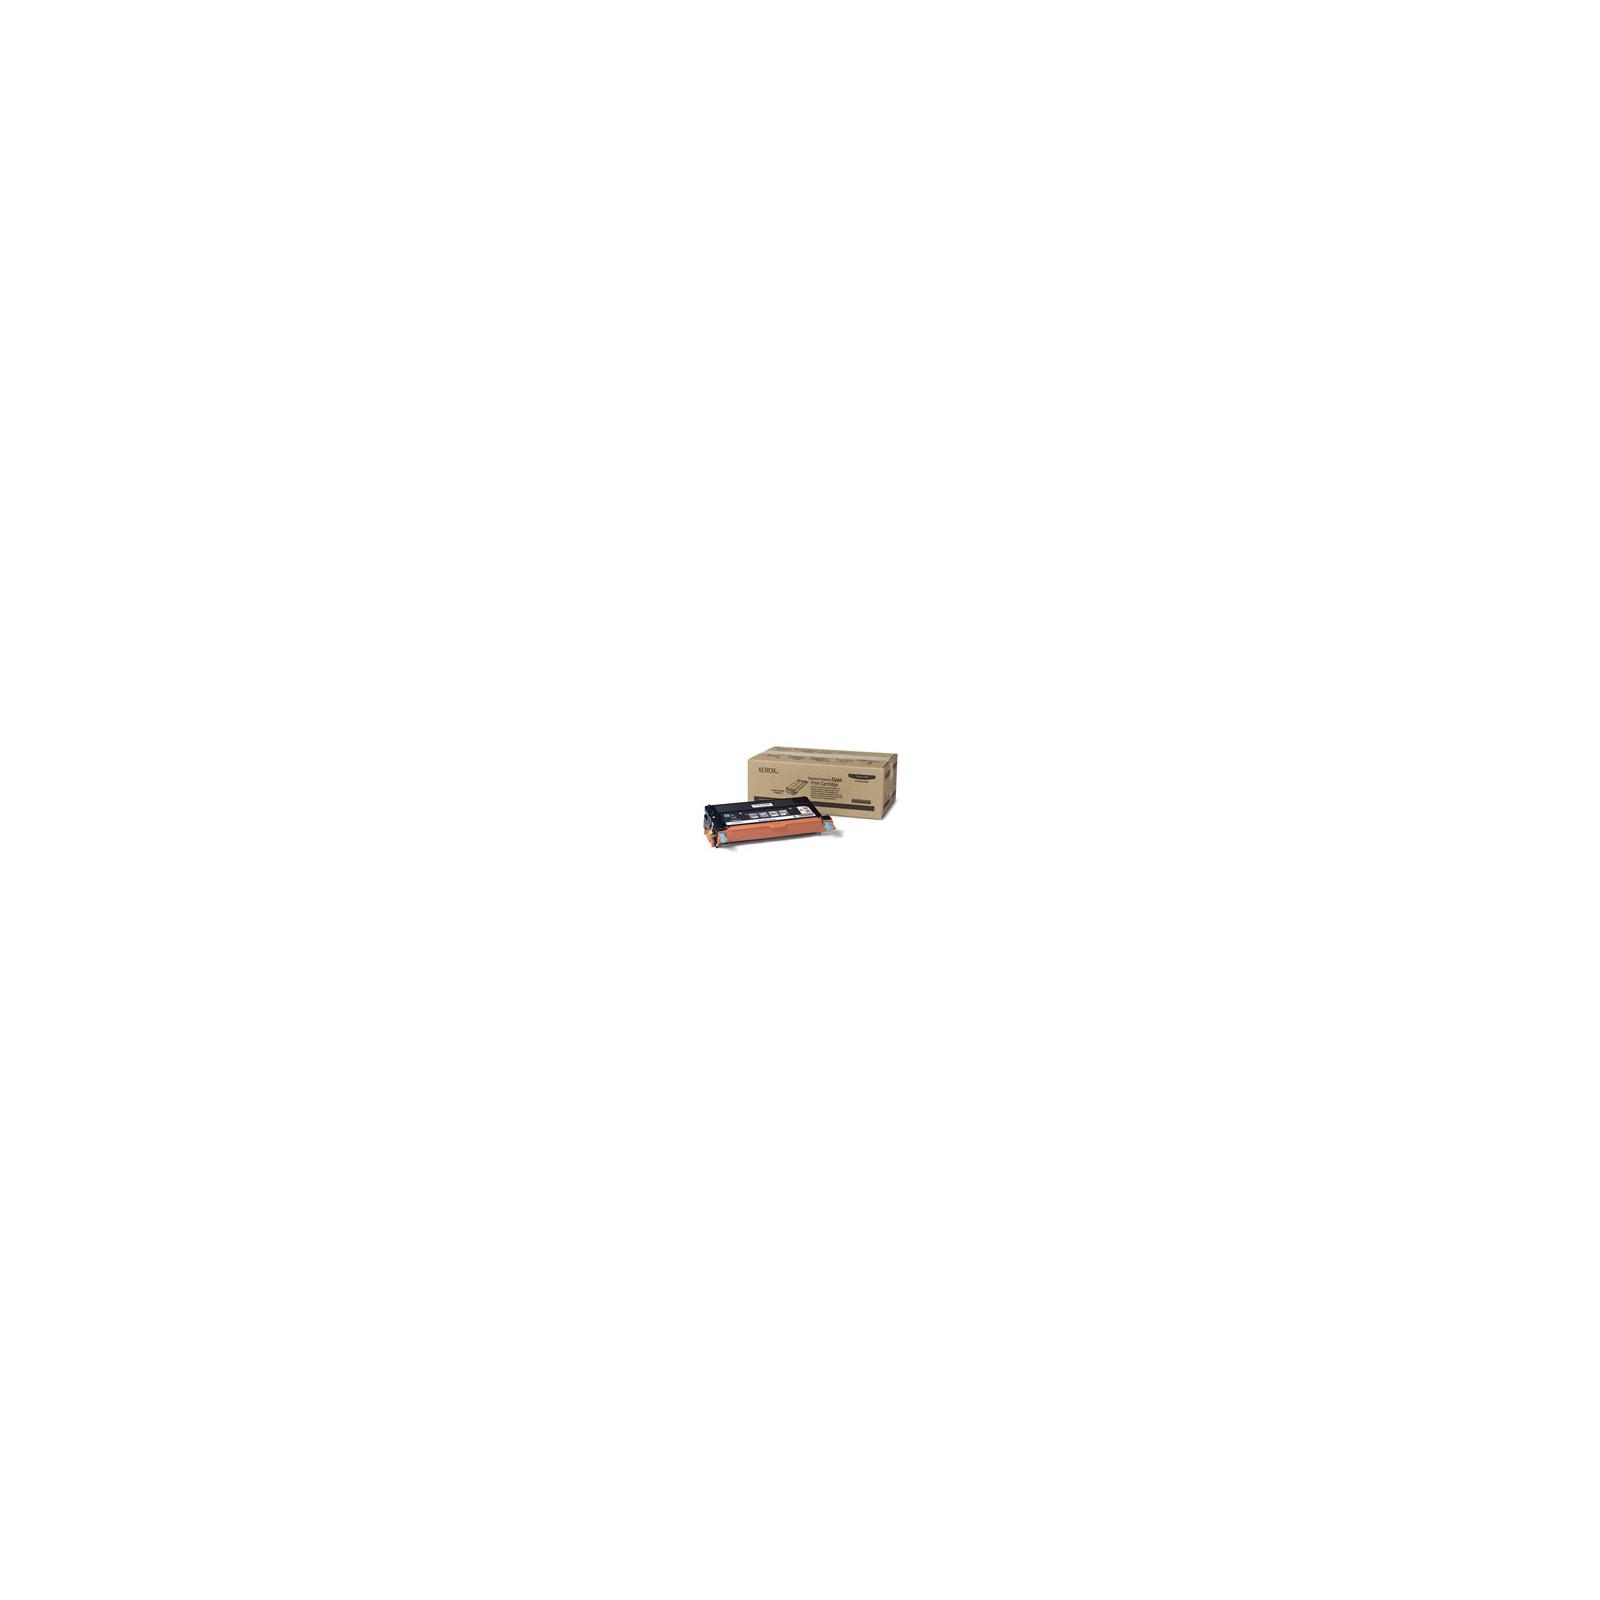 Тонер-картридж XEROX PH6180 (Max) Cyan (113R00723)